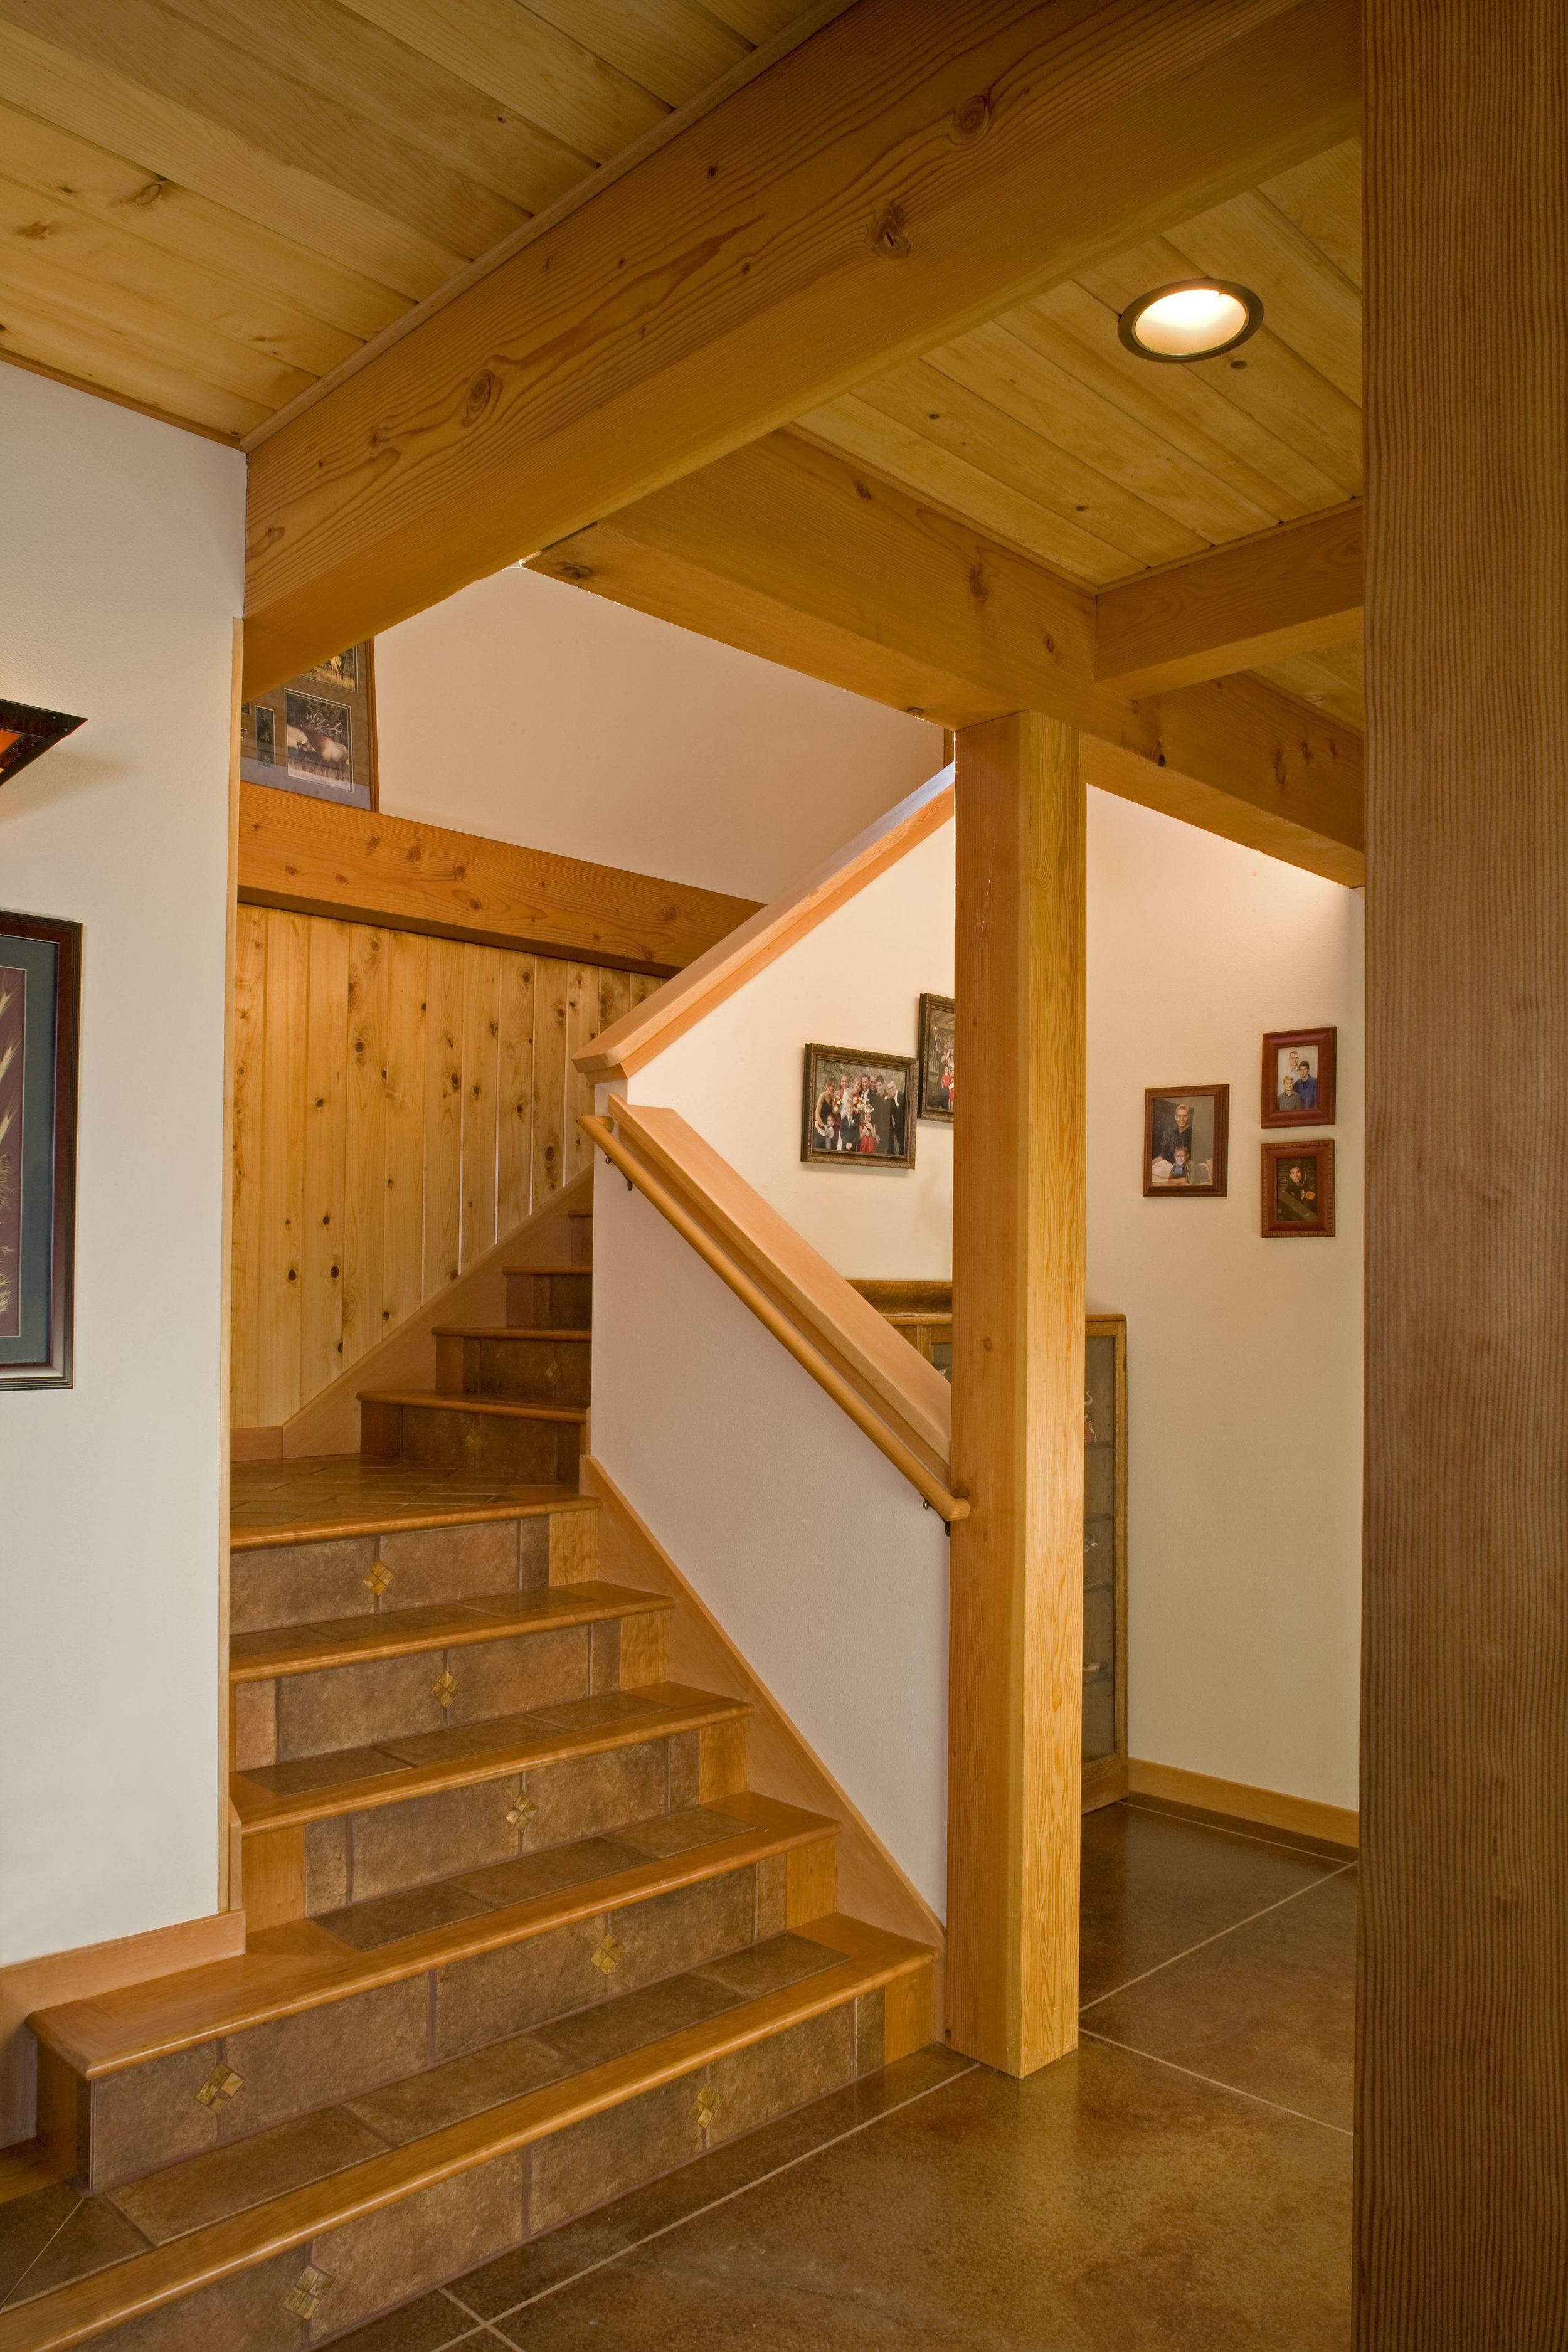 Von Allmen Staircase Screenres.jpg